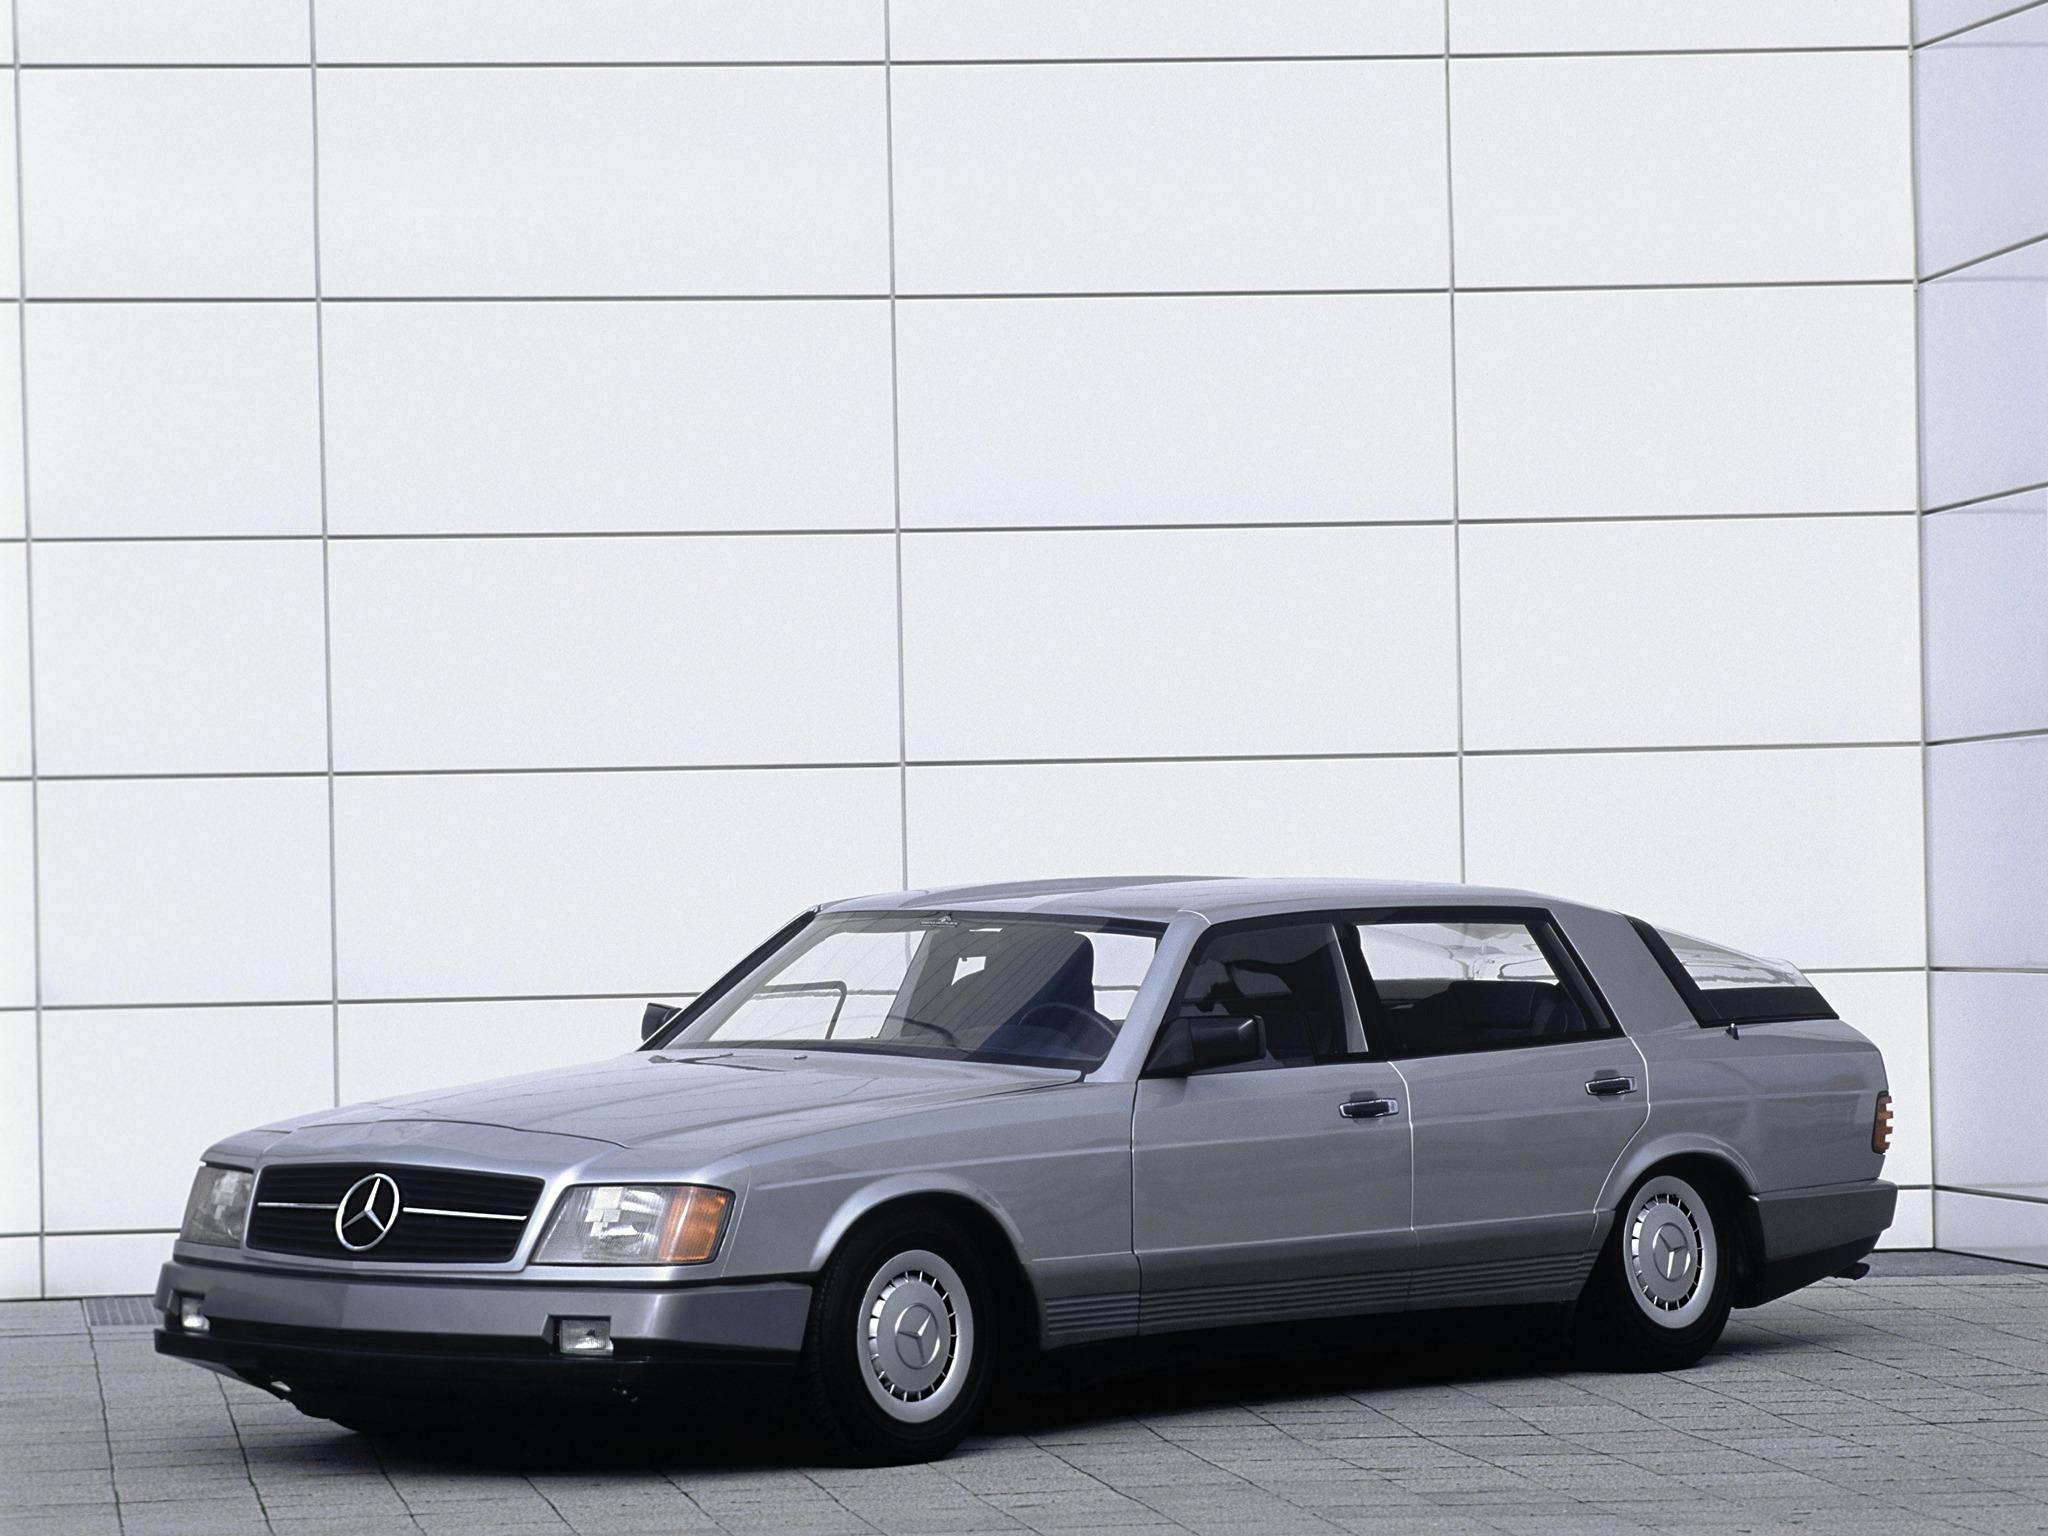 (CONCEITO): Vídeo - Mercedes-Benz 1981 - Auto 2000  0af55210